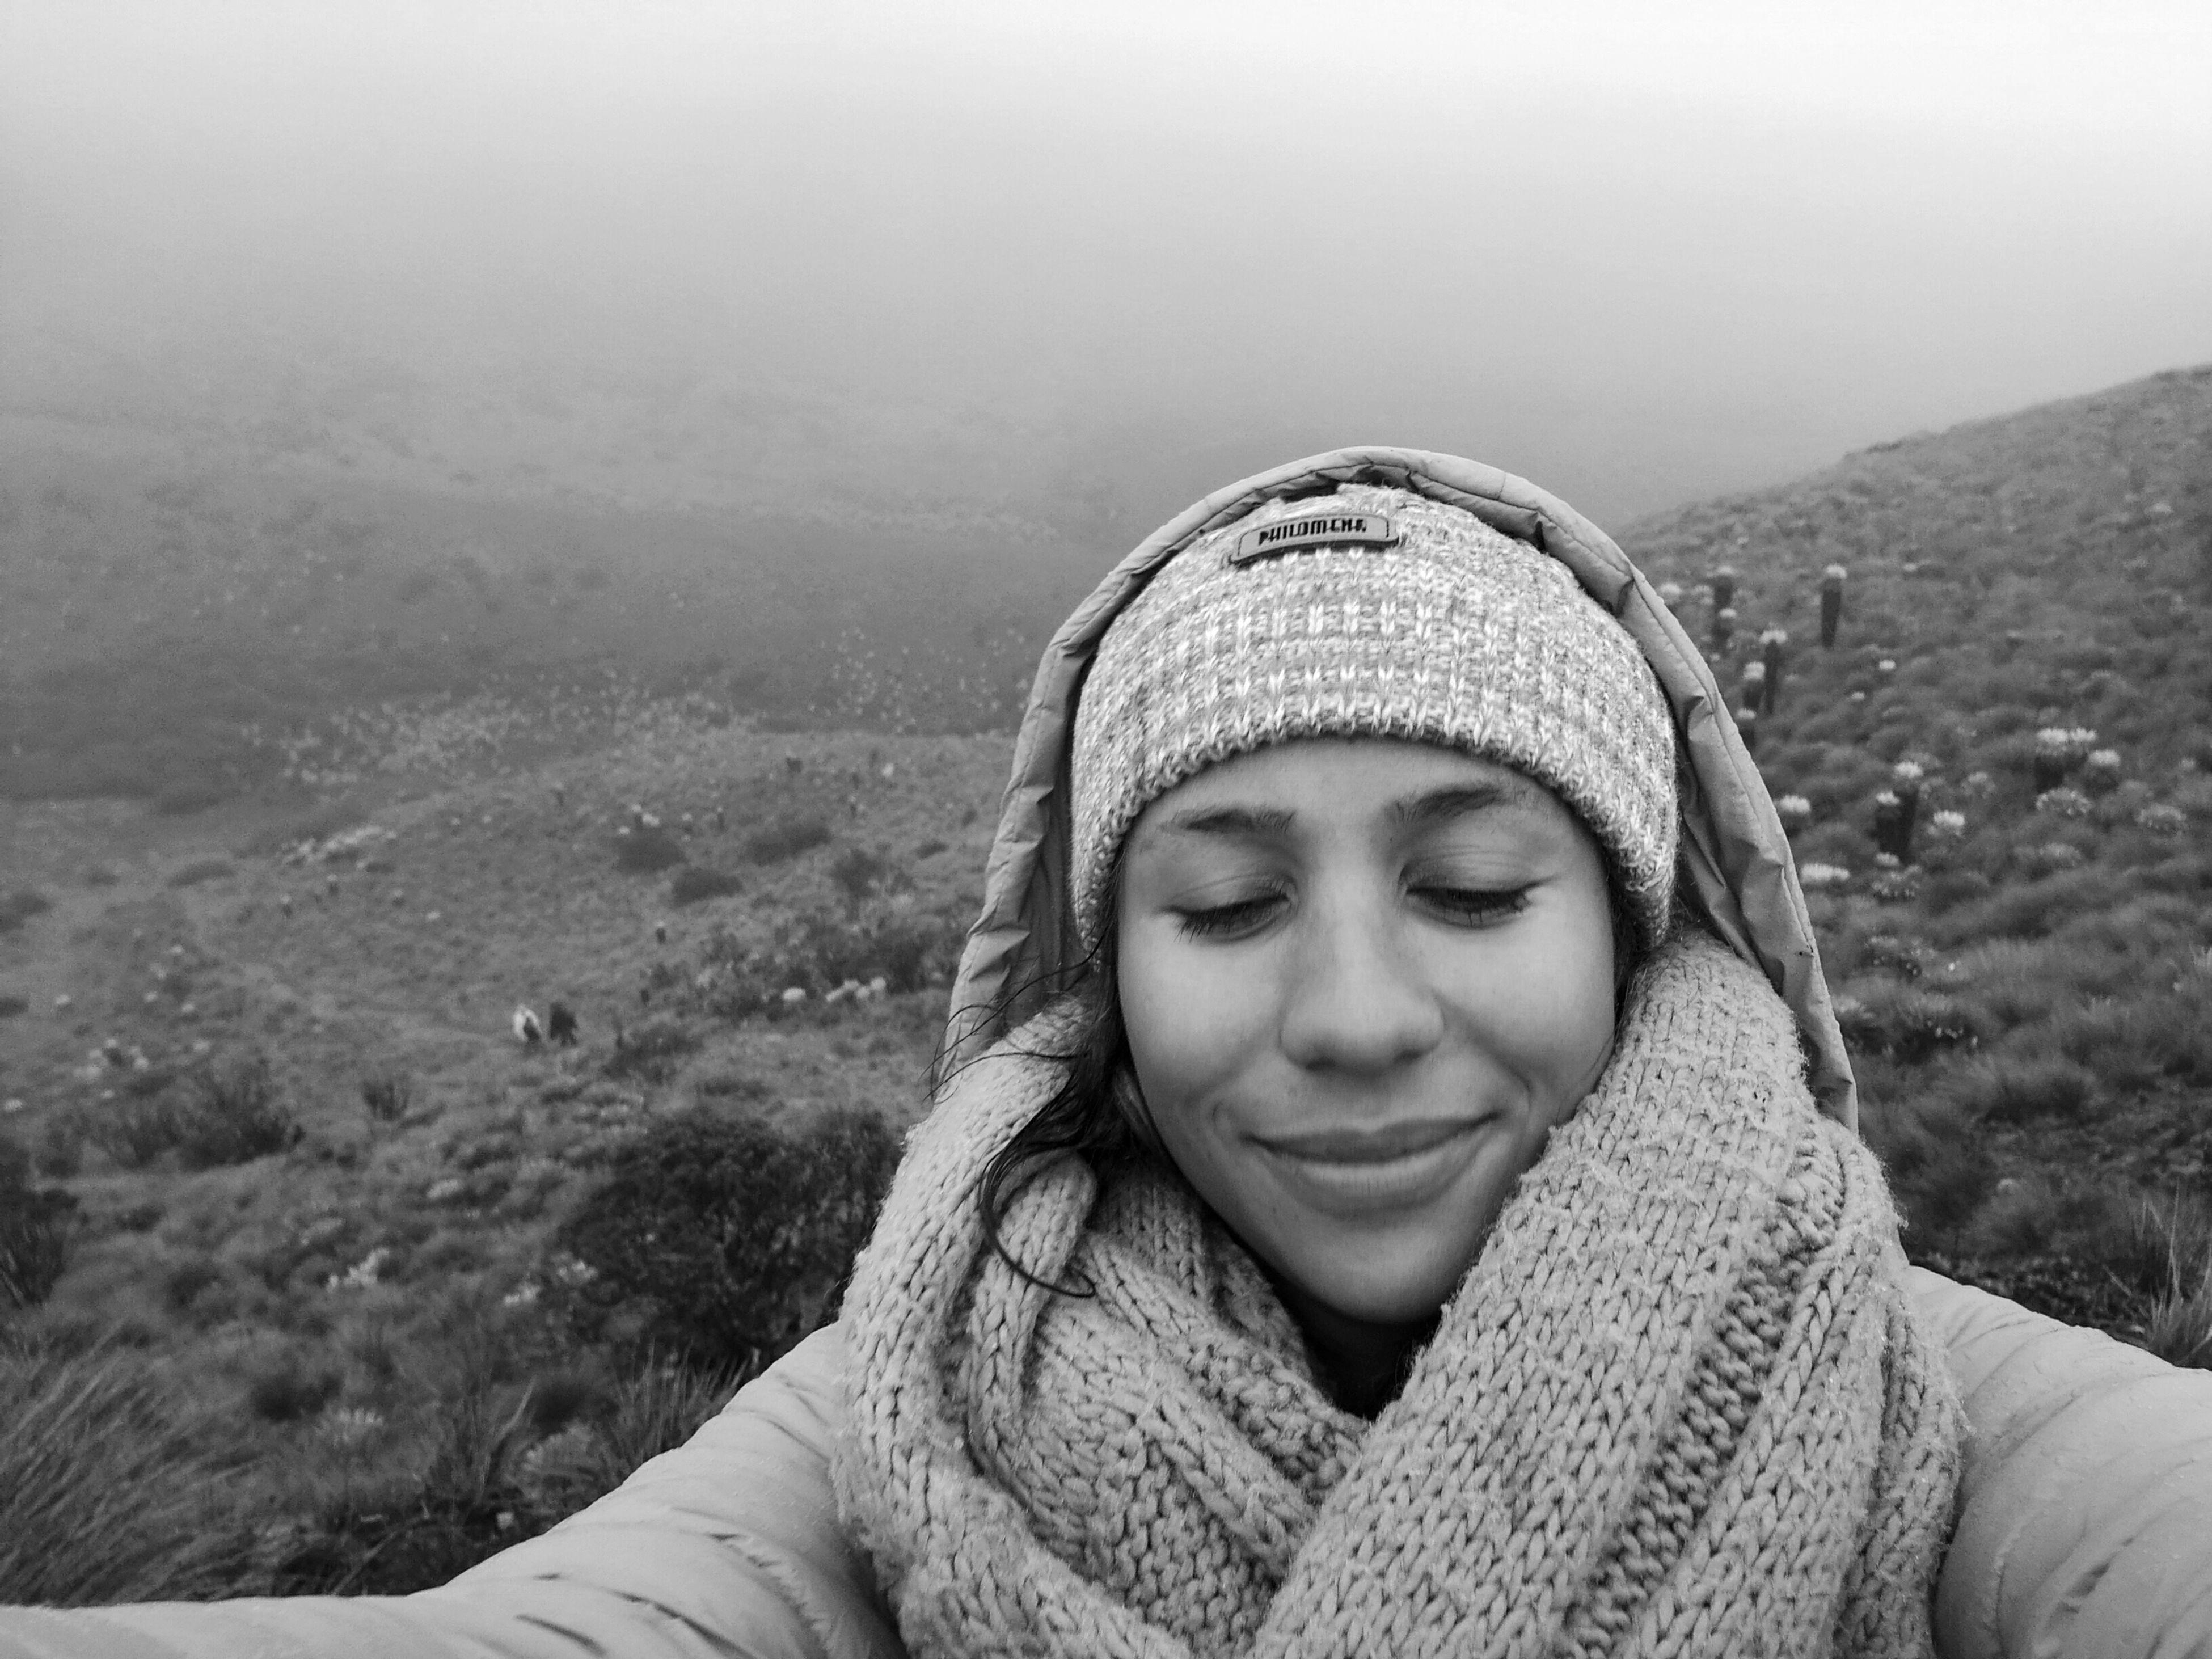 Respirando. Breathing in Páramo de Oceta - Colombia Relaxing Enjoying Life Huawei P9 Leica